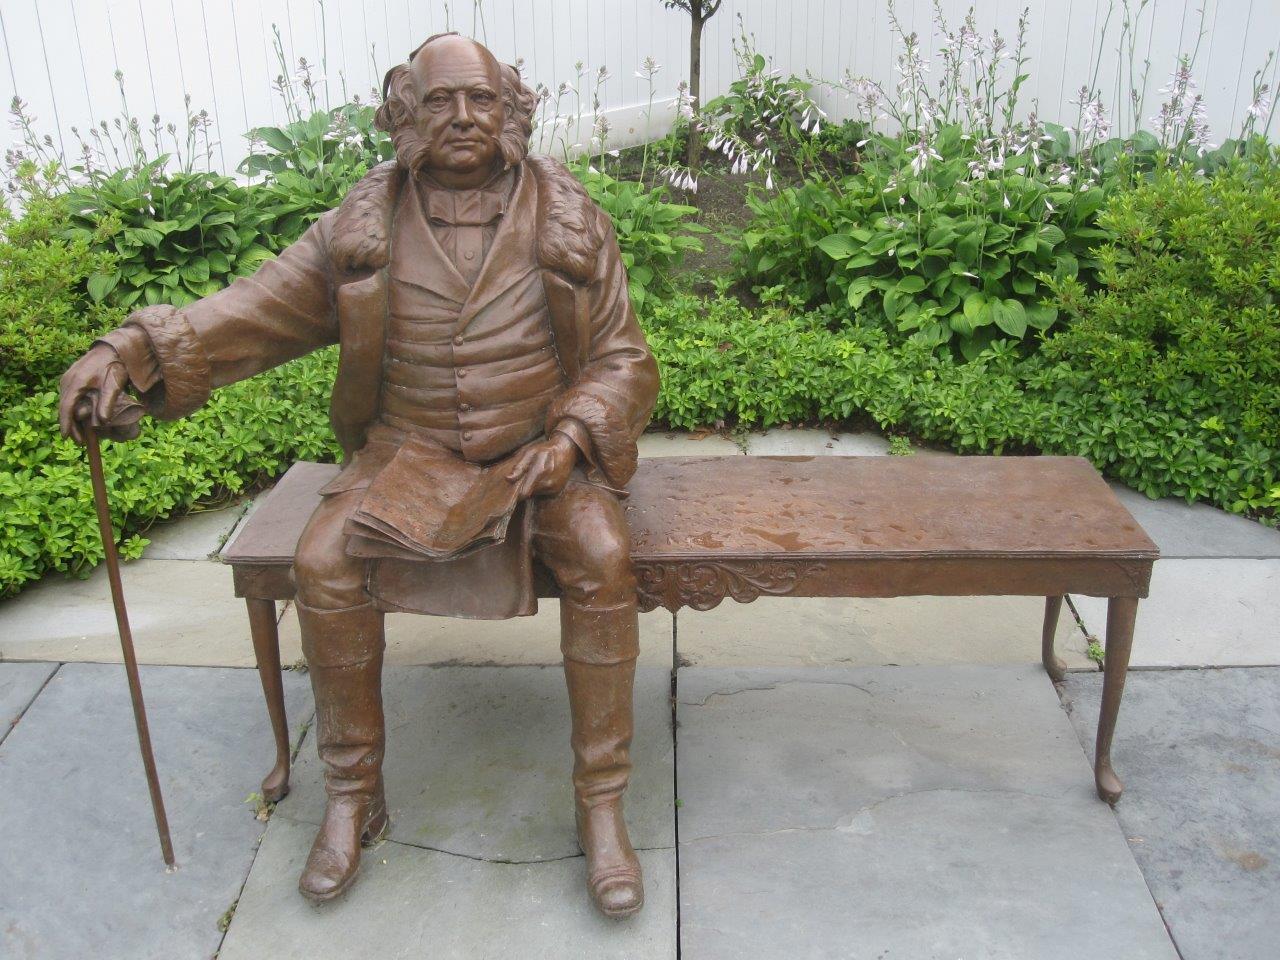 Martin Van Buren statue in Kinderhook, NY